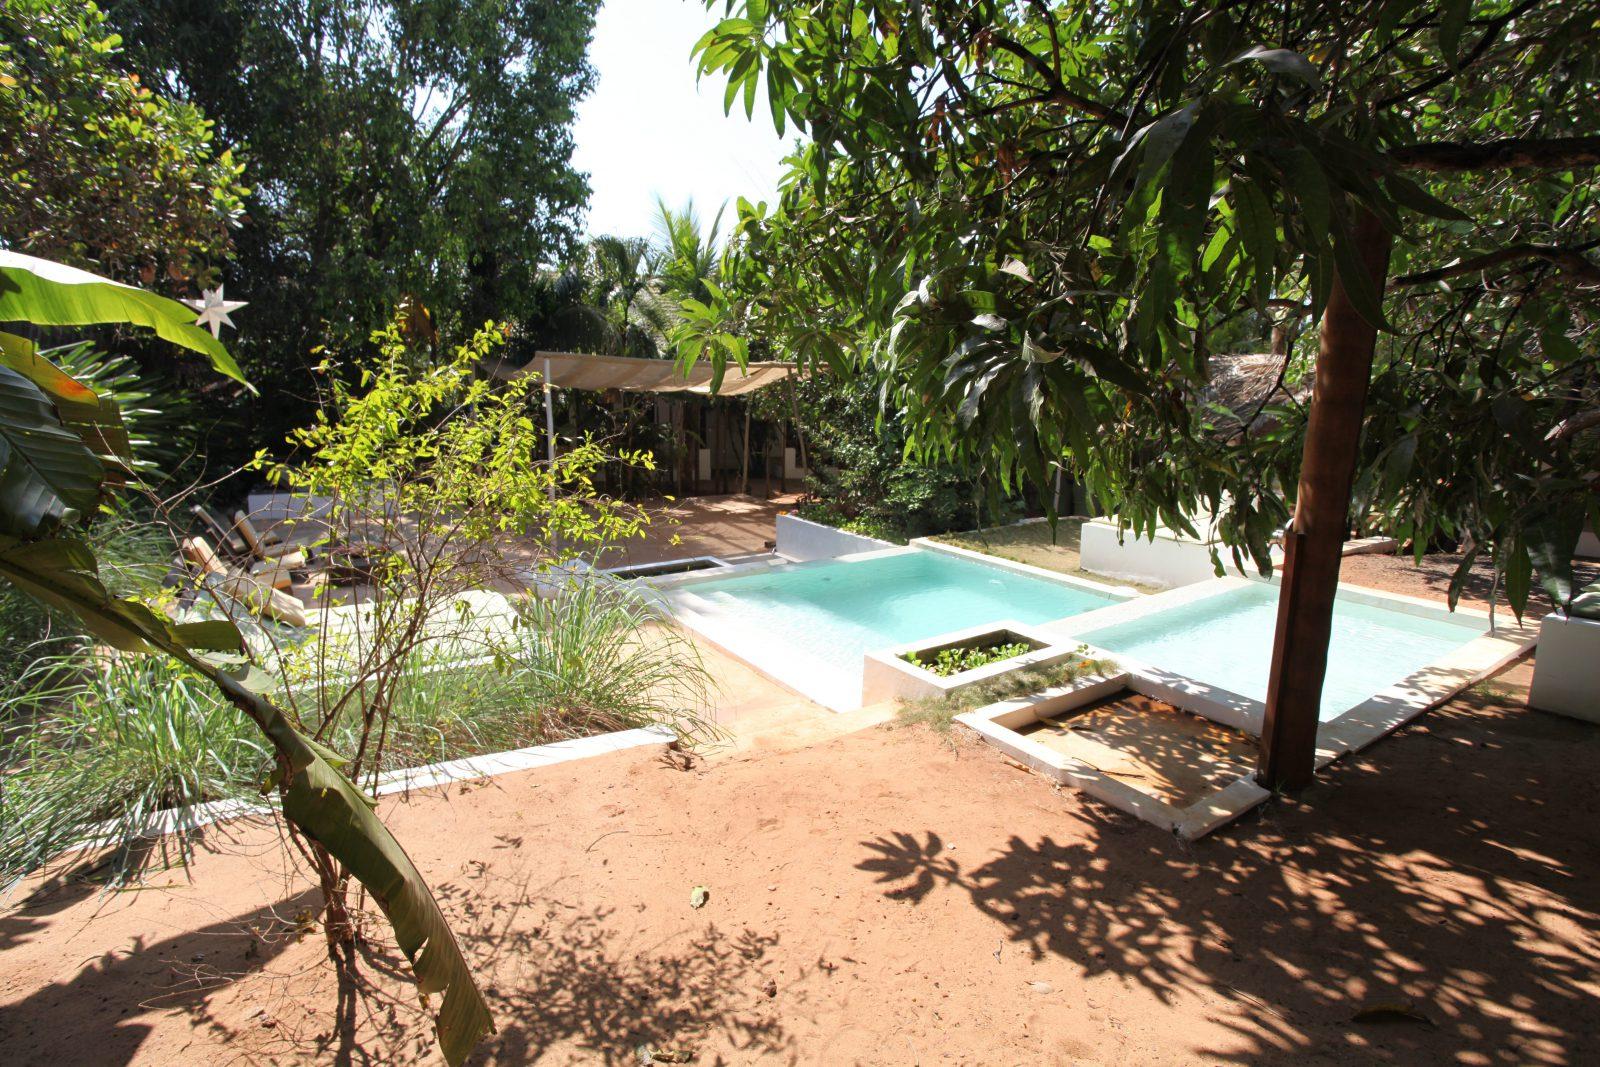 kaju-varo-cascading-common-pool